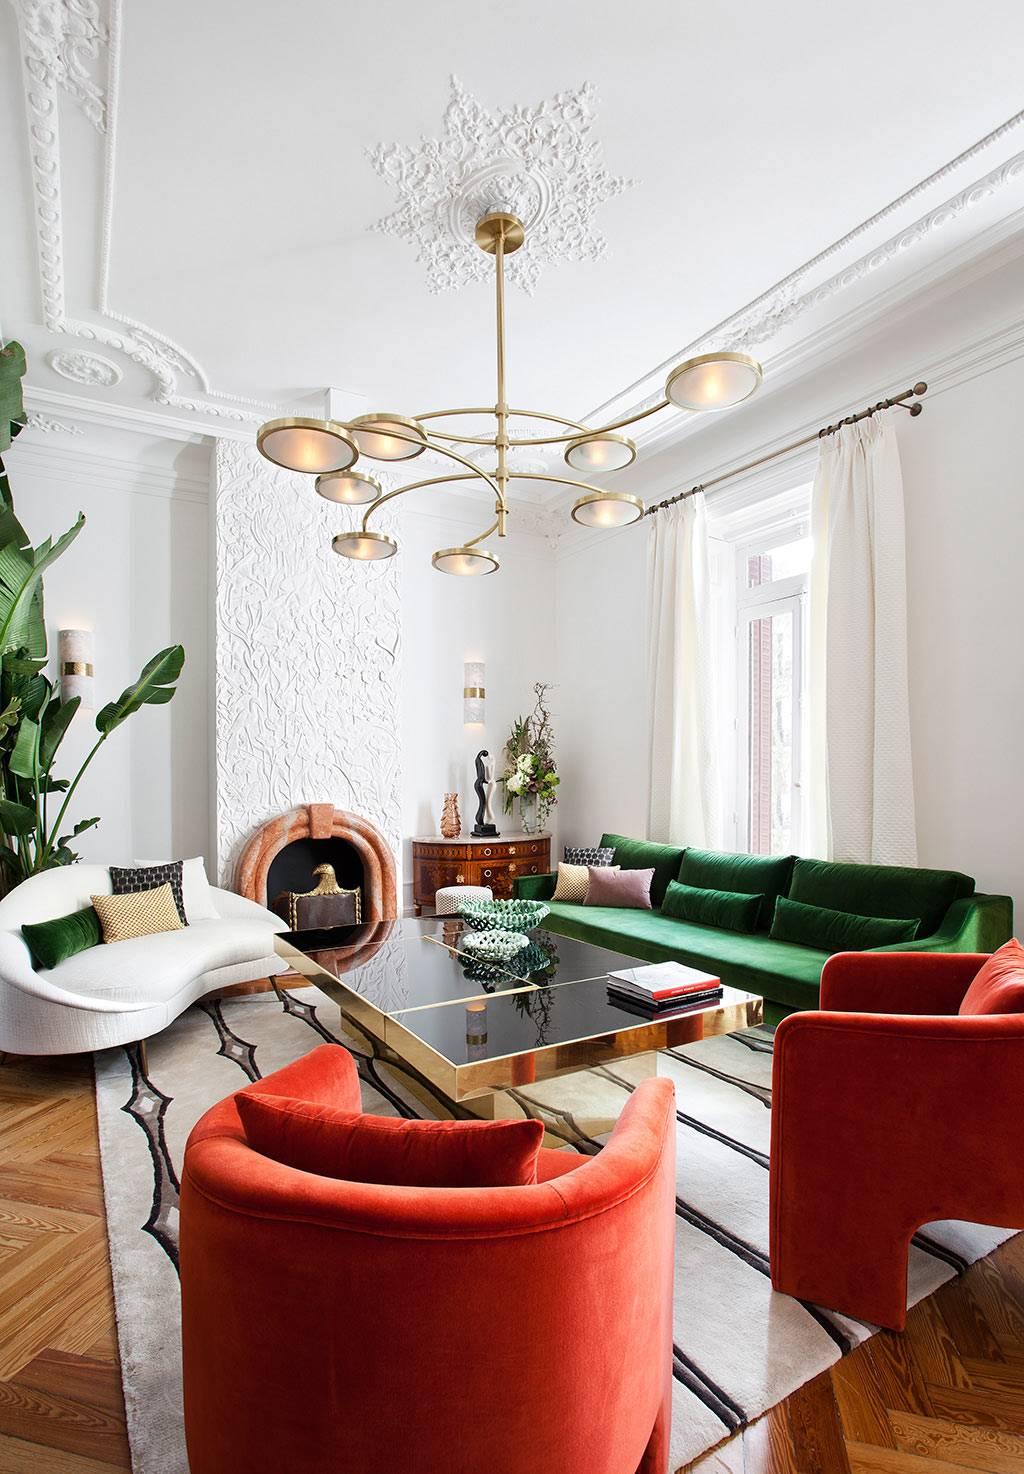 белый, зелёный диван и красные кресла в одной гостиной комнате